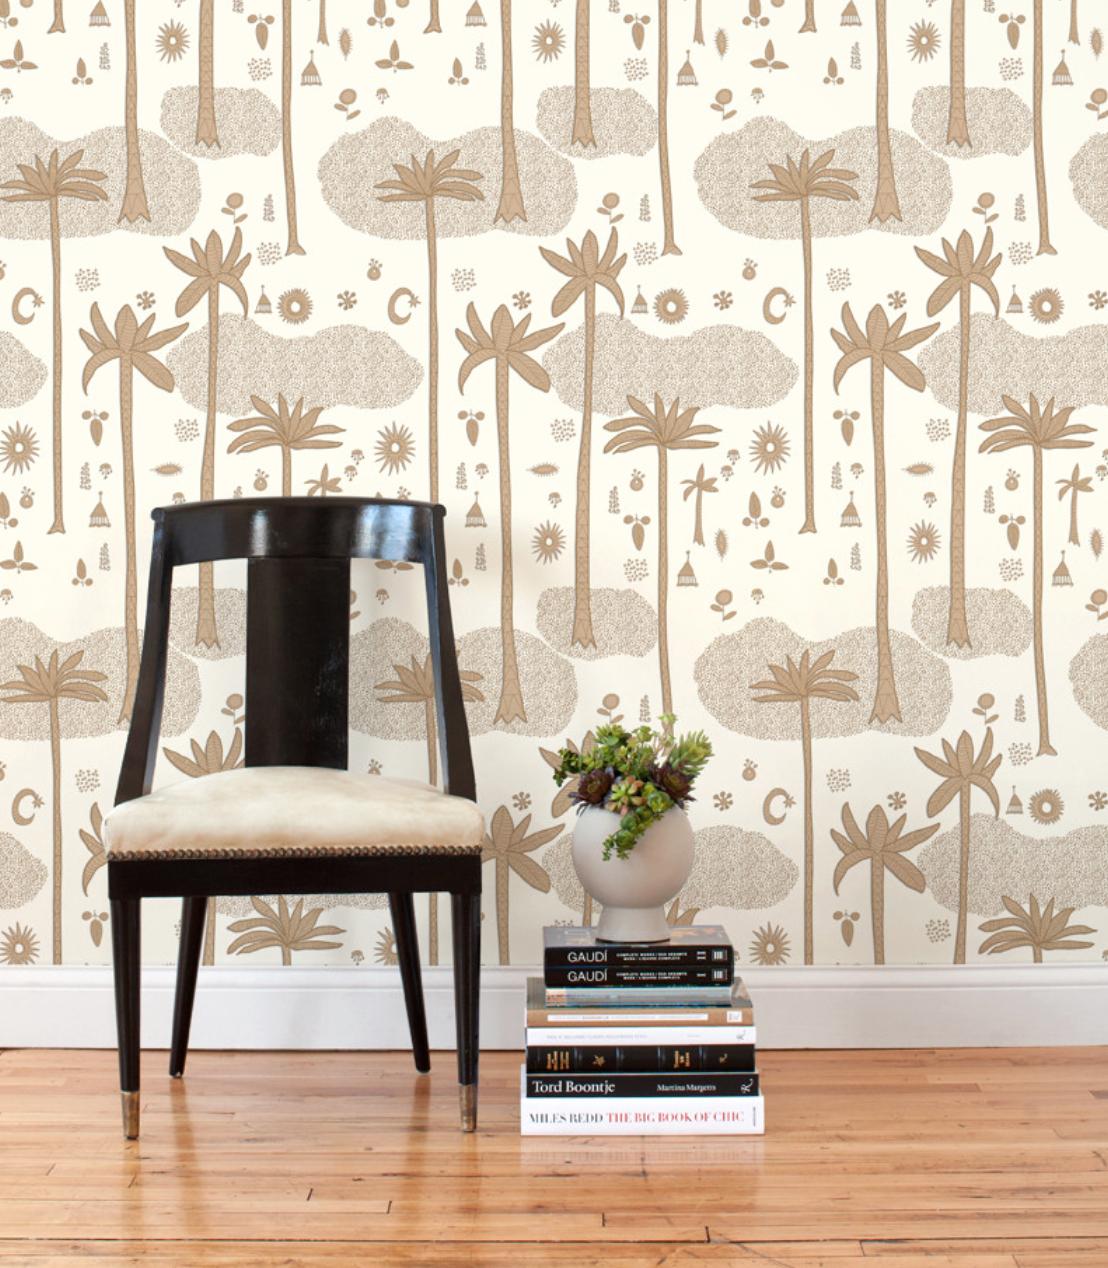 Cosmic Desert Removable Wallpaper Tiles via  Hygge & West ($58 for set of 2)